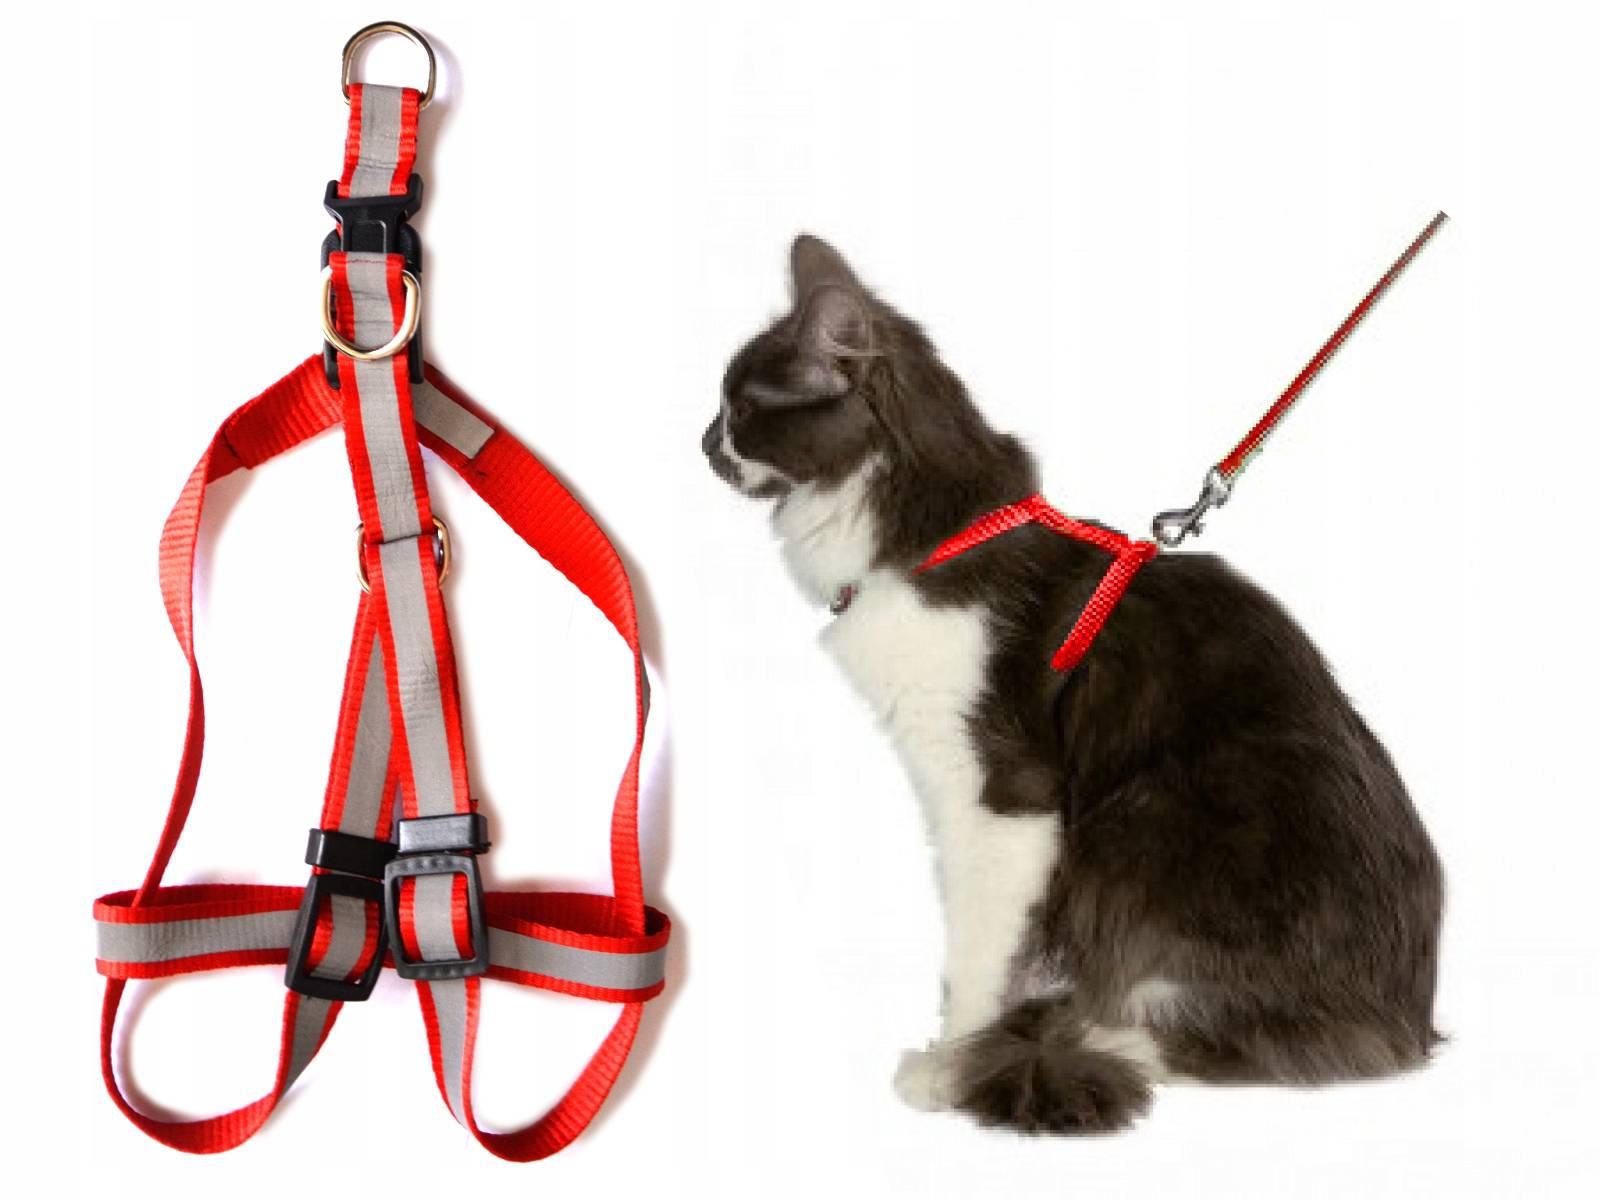 Нужны ли поводки кошкам для прогулки: какие бывают ошейники и как их применять